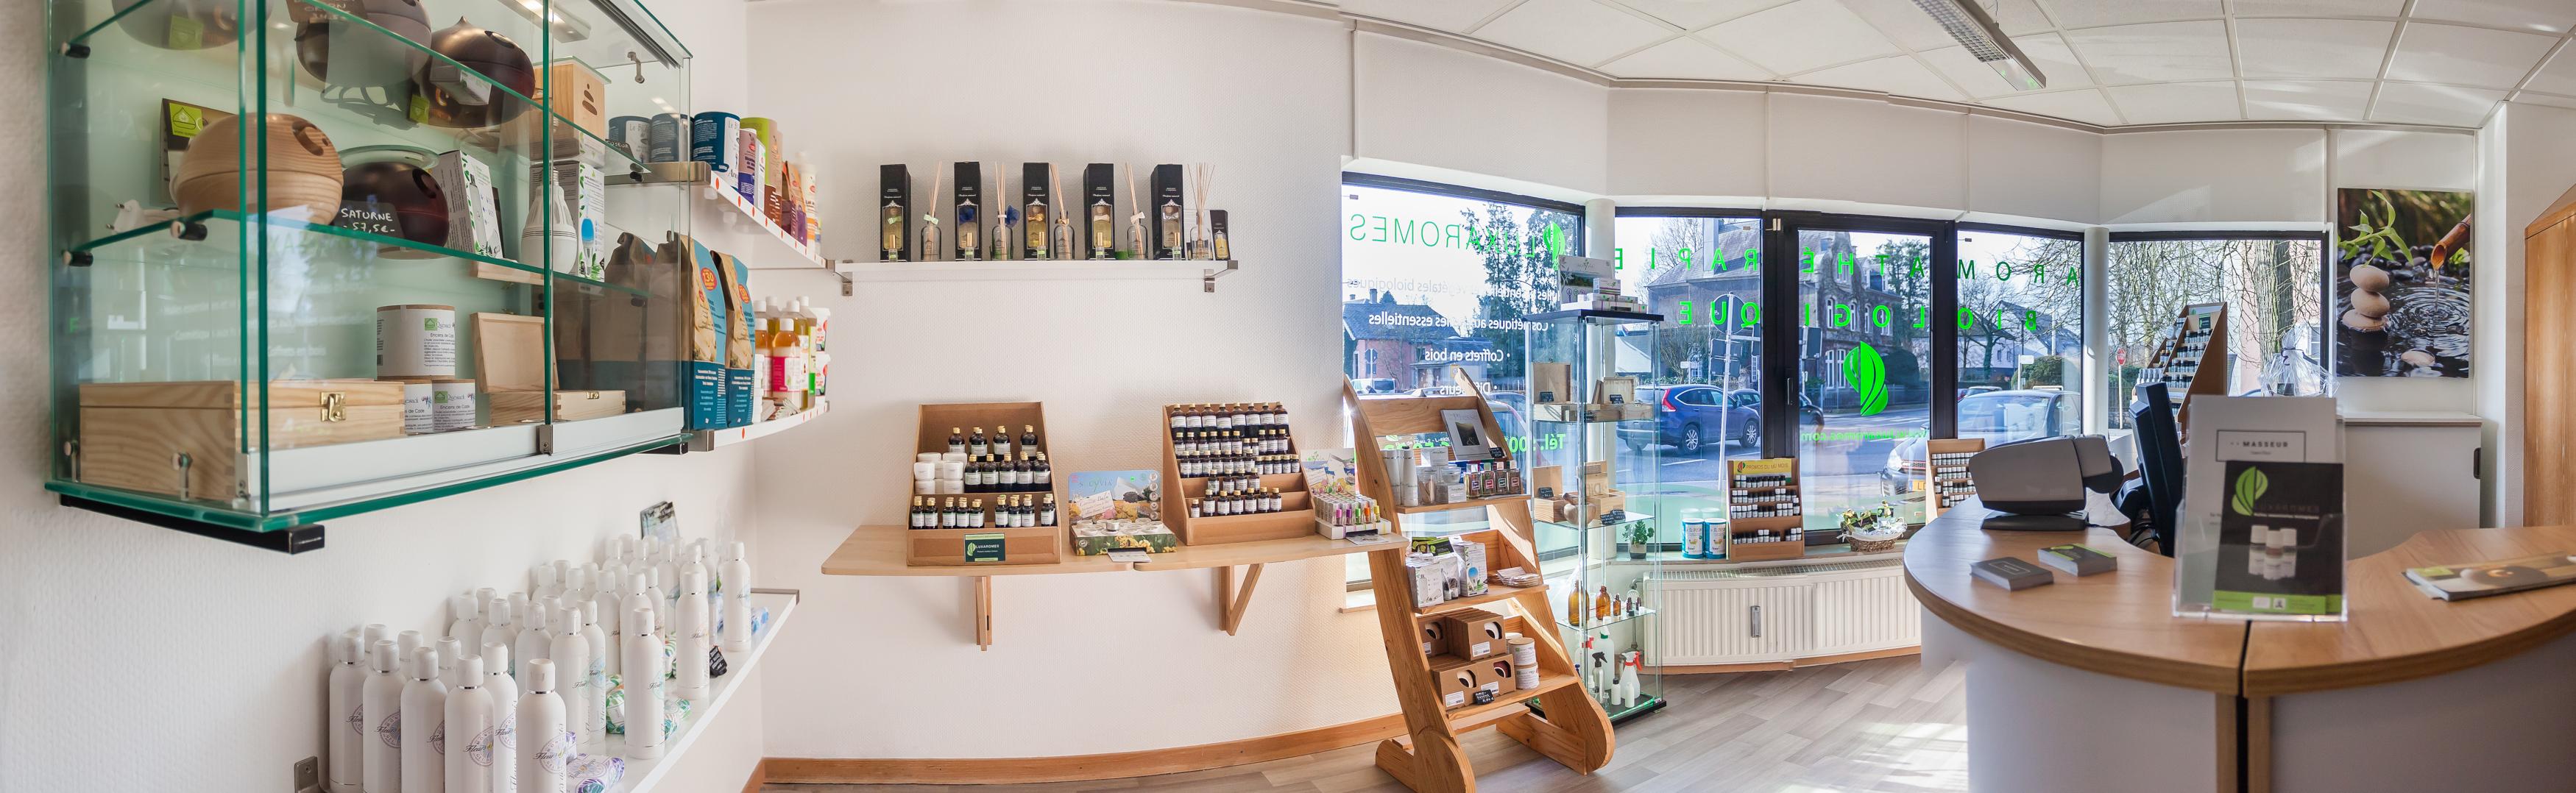 Boutique Luxaromes-Aromathérapie bio: Huiles essentielles, végétales, hydrolats, ect,...